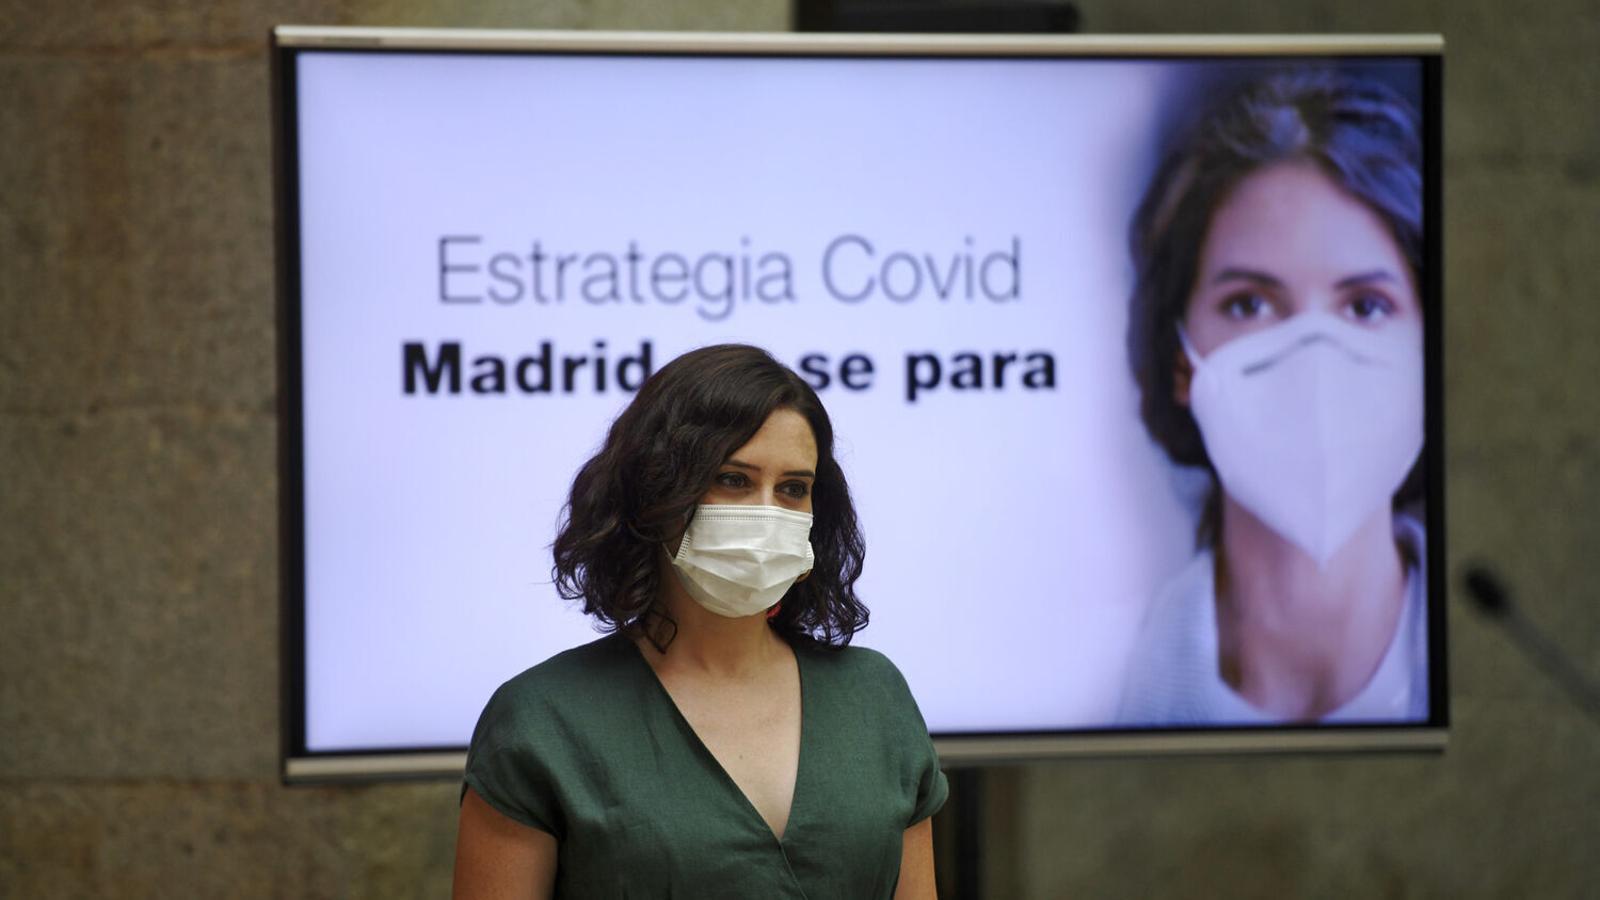 """Ayuso diu que no està """"en rebel·lia"""" i complirà l'ordre de confinar Madrid, però la portarà als tribunals"""